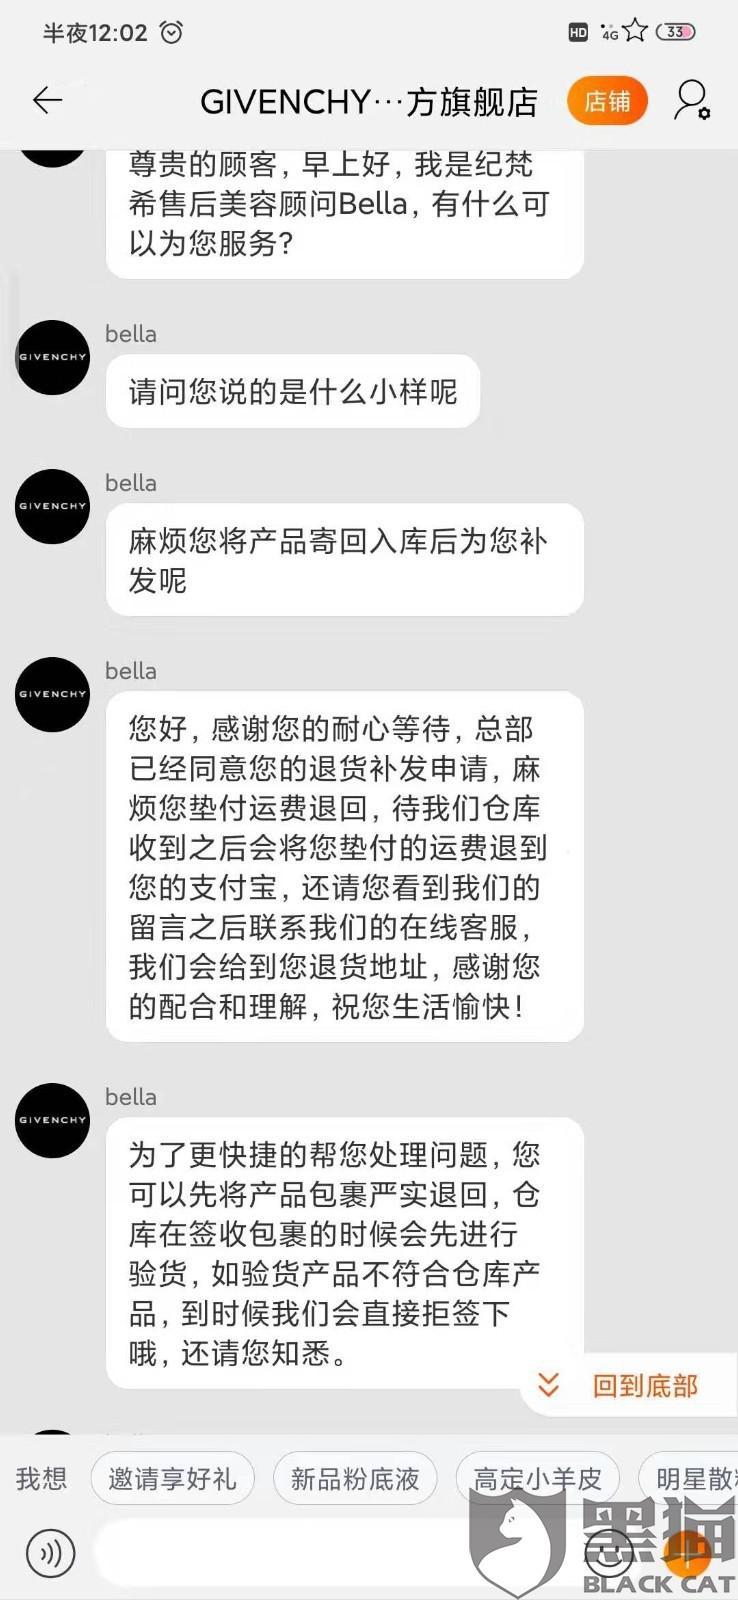 黑猫投诉:纪梵希天猫旗舰店漏发商品